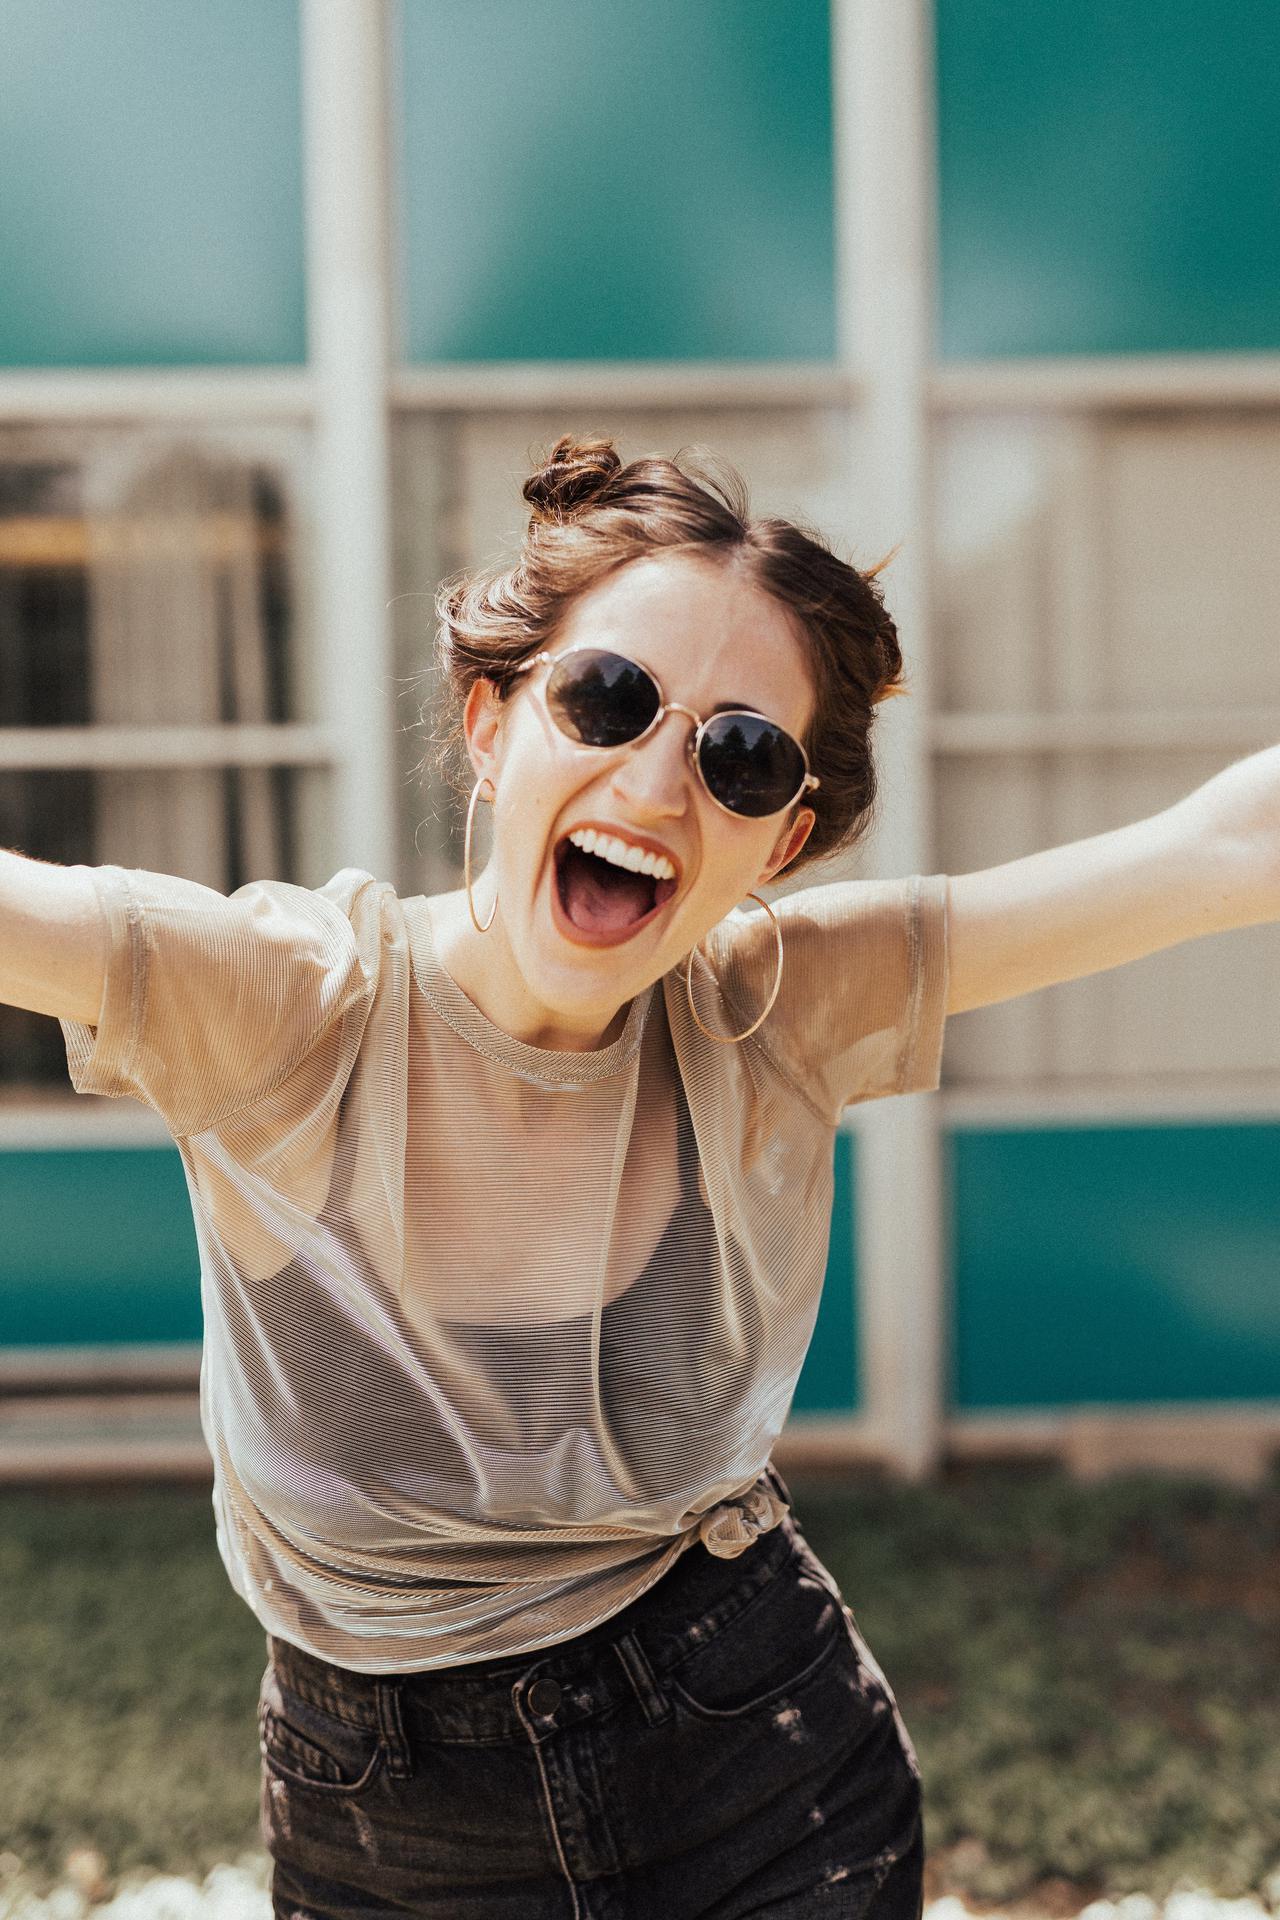 Girl enjoying her prescription sunglasses